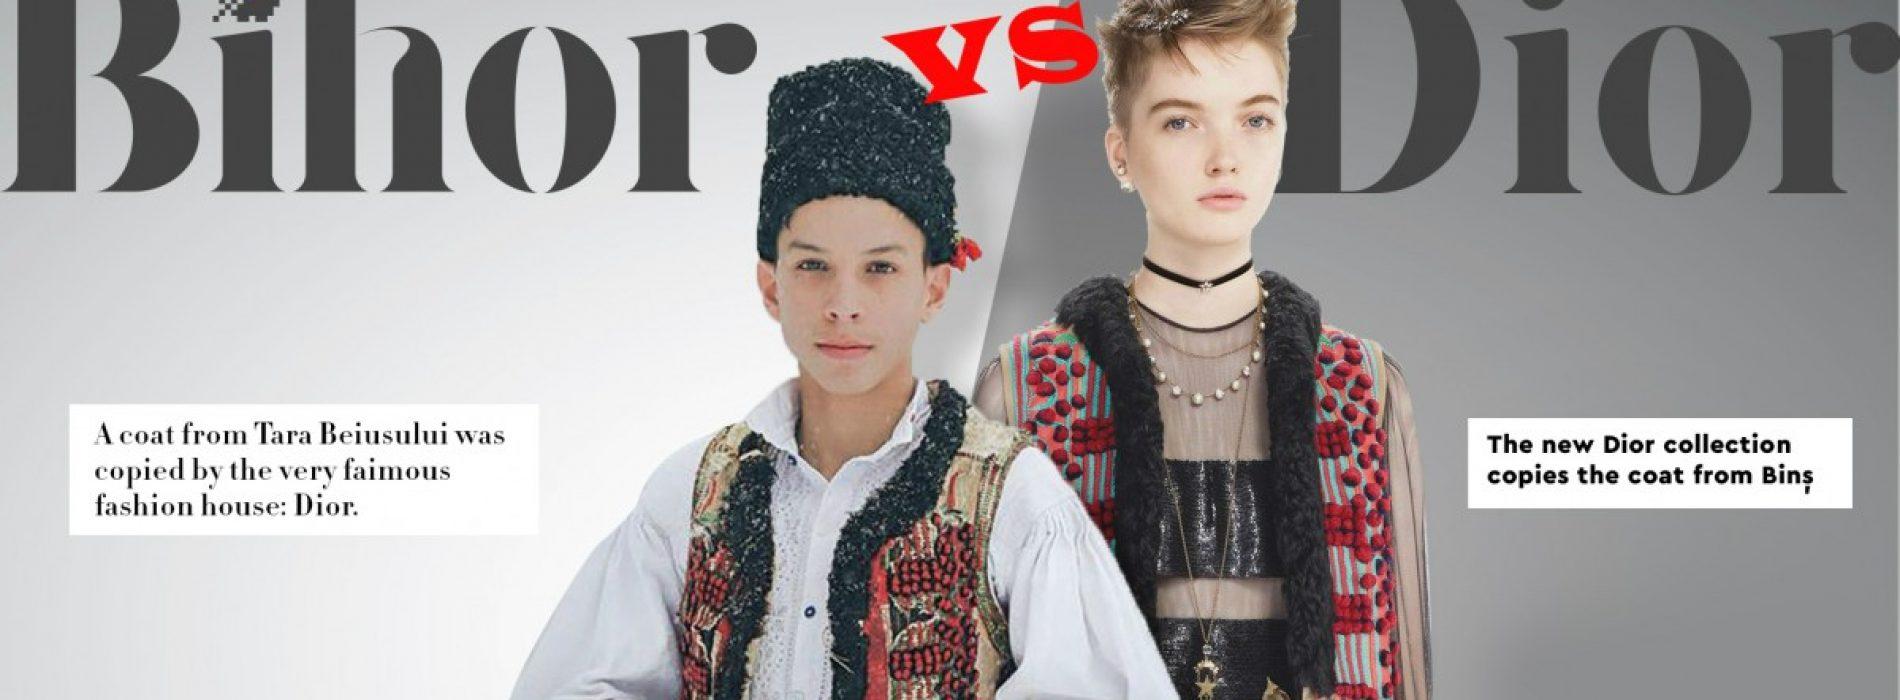 Războiul modei și tradiției: Bihor vs Dior